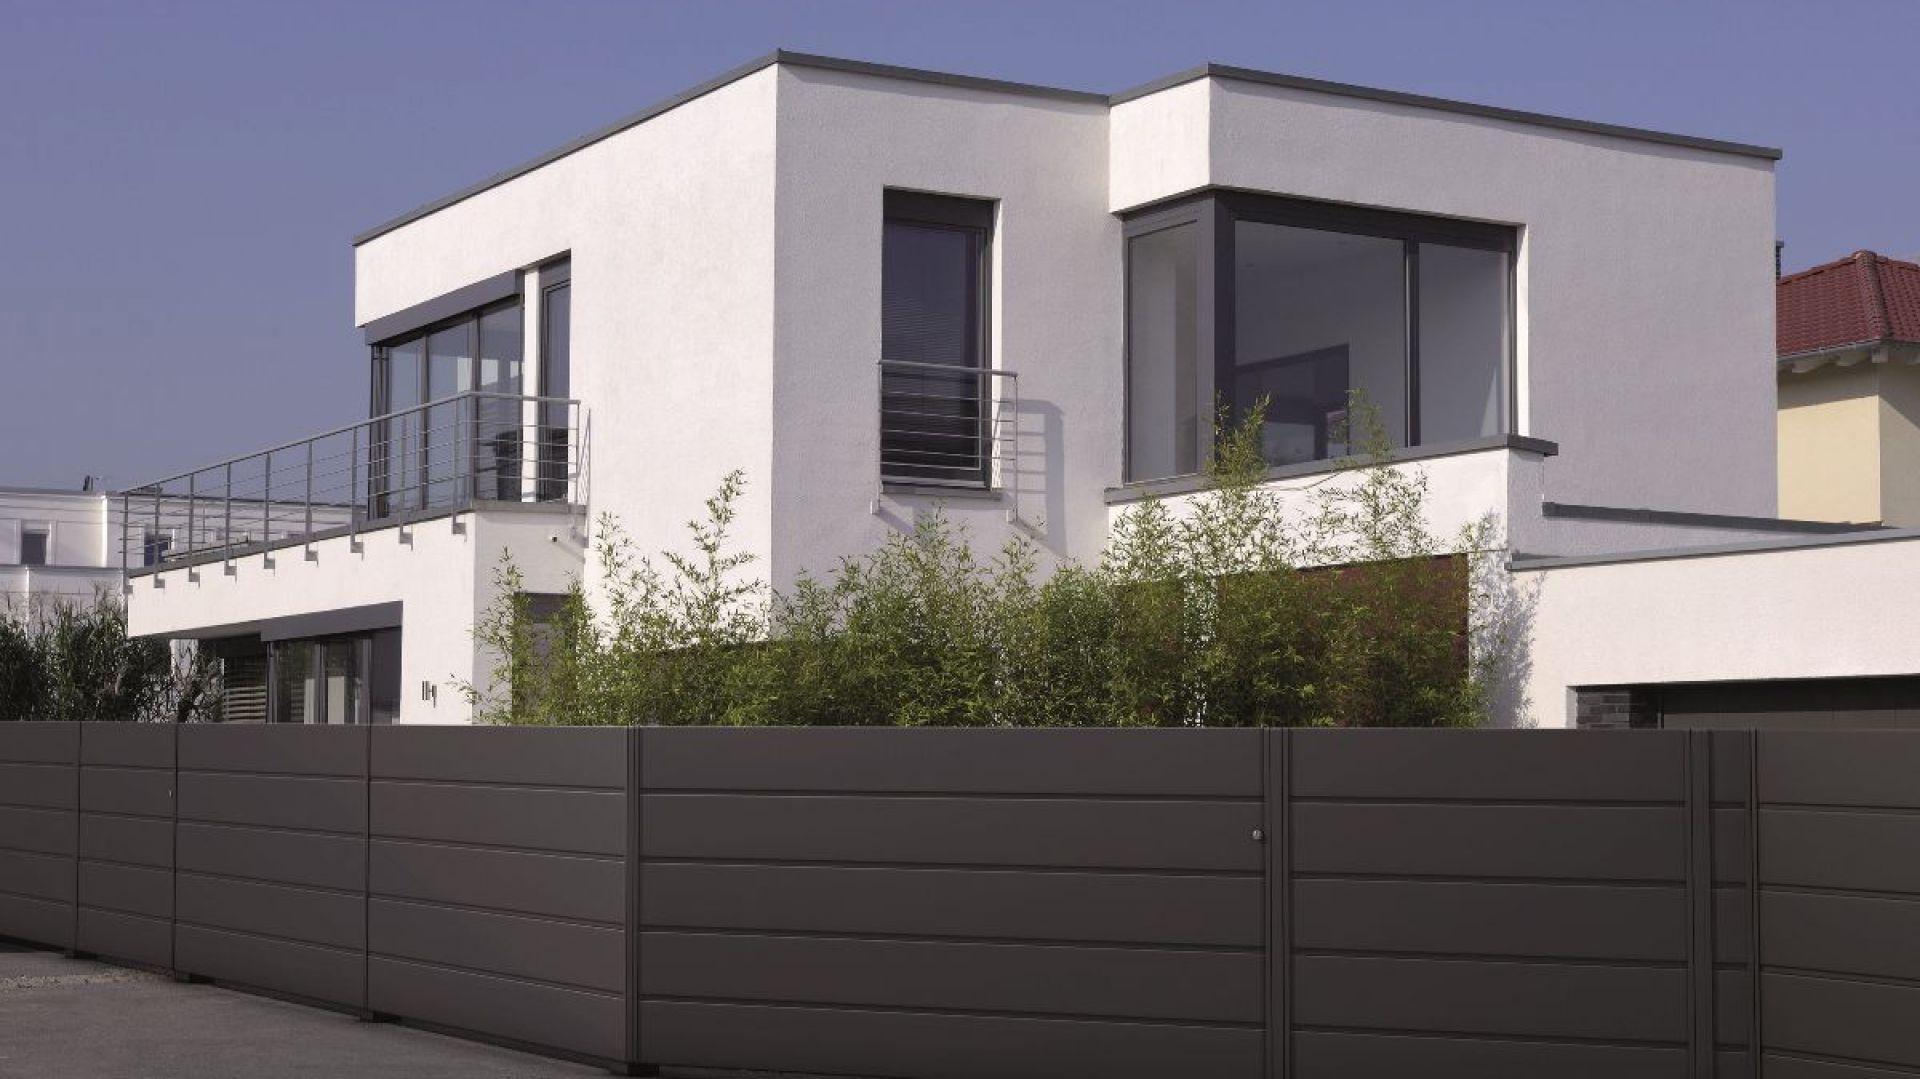 Aluminiowe ogrodzenie Vista będzie doskonałym rozwiązaniem jeśli nasz dom zaprojektowany jest w nowoczesnym stylu. Ma prostą, ale i elegancką formę. Fot. AluDom.